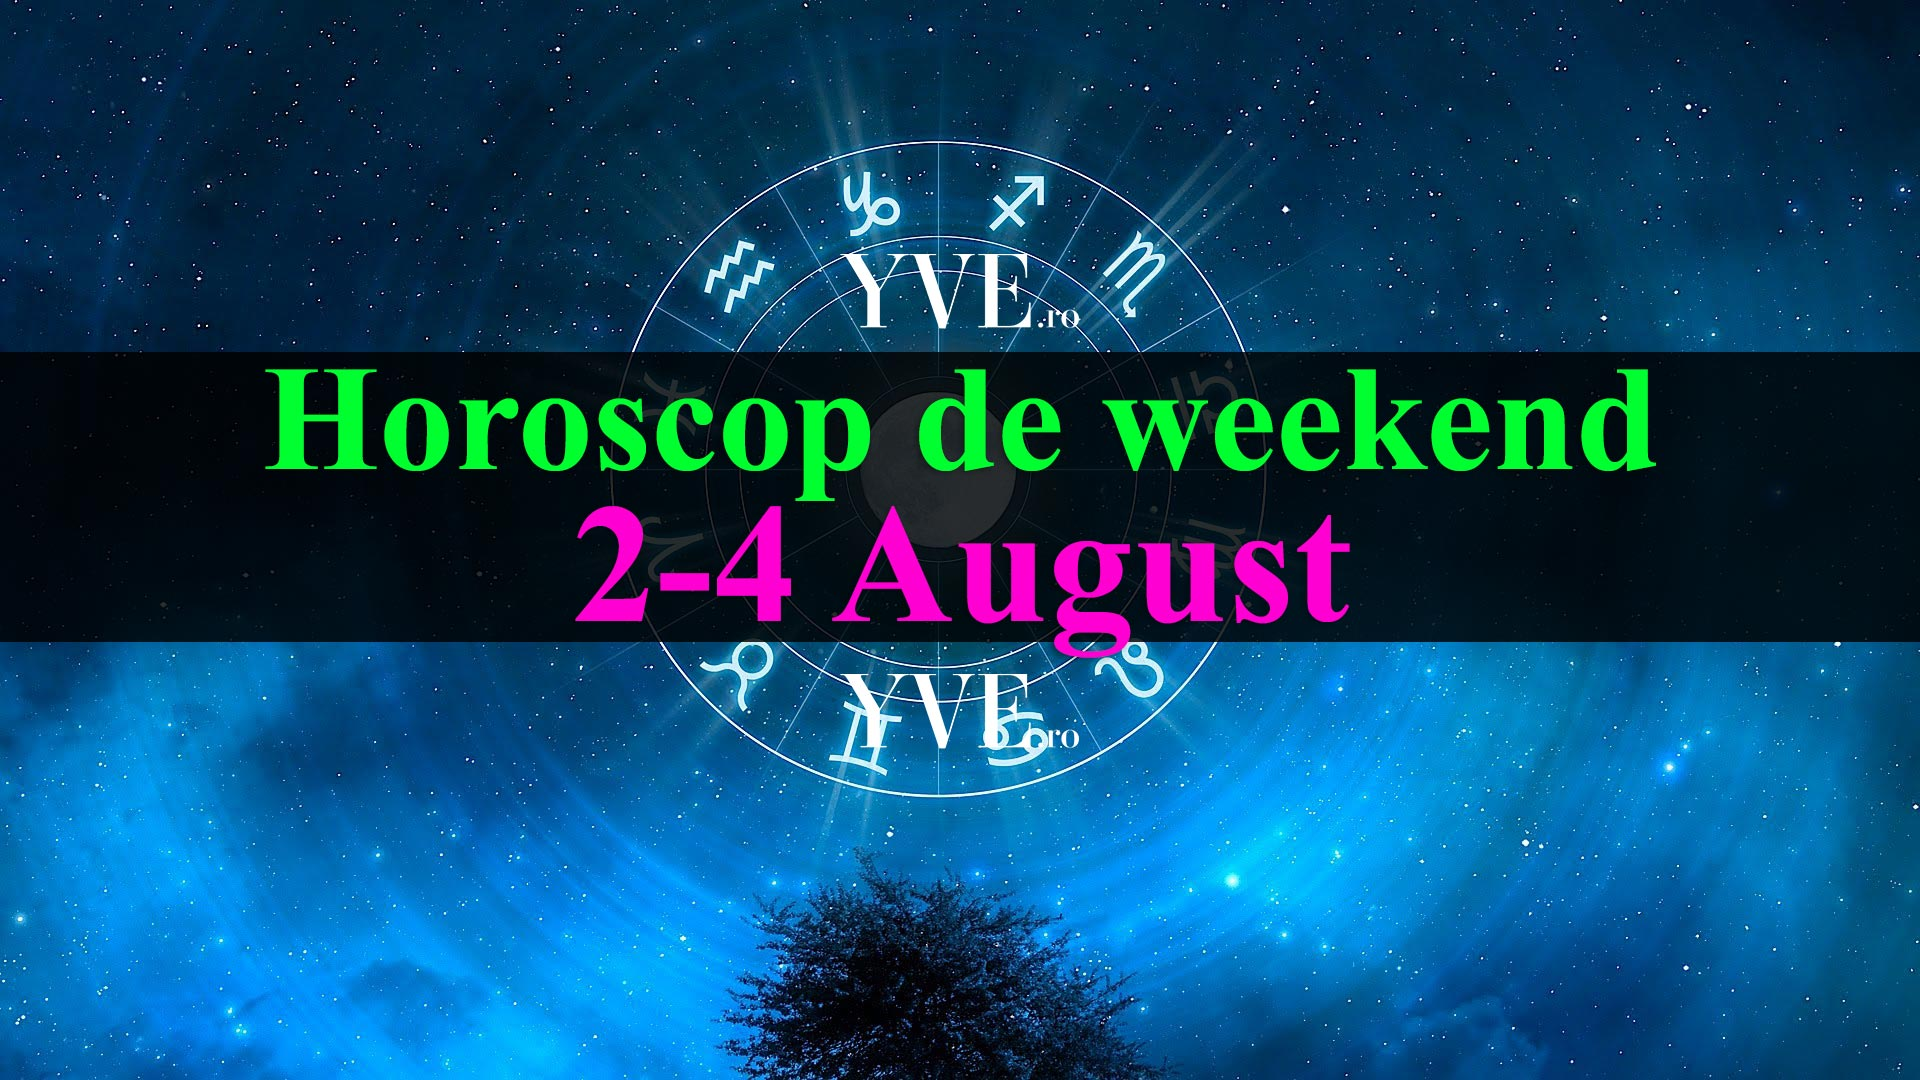 Horoscop de weekend 2-4 August 2019